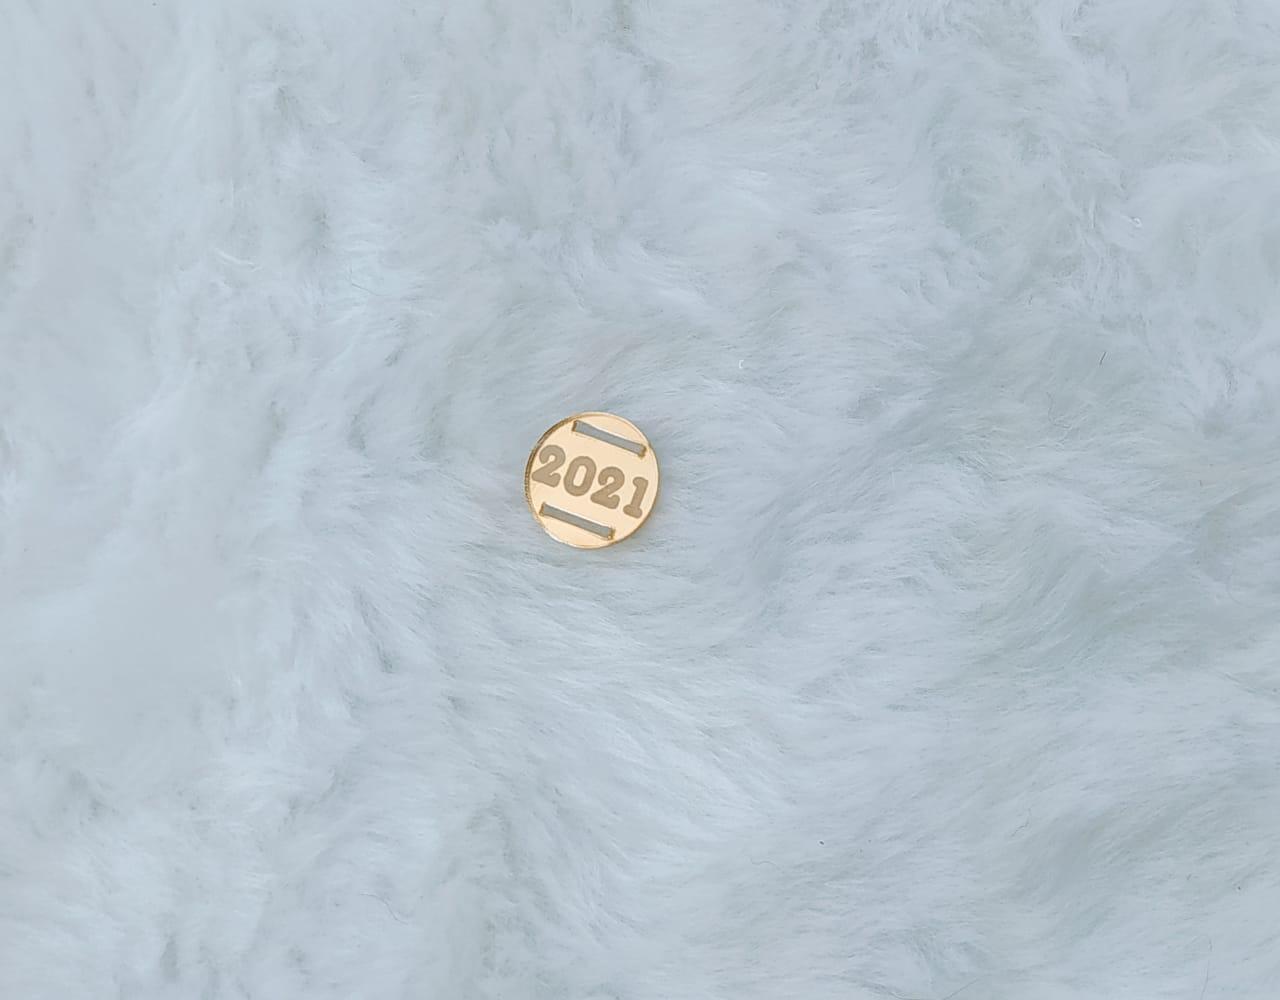 Passante redondo para elástico em acrílico espelhado 1,5cm - 2021 - gravado c/ 10 unidades